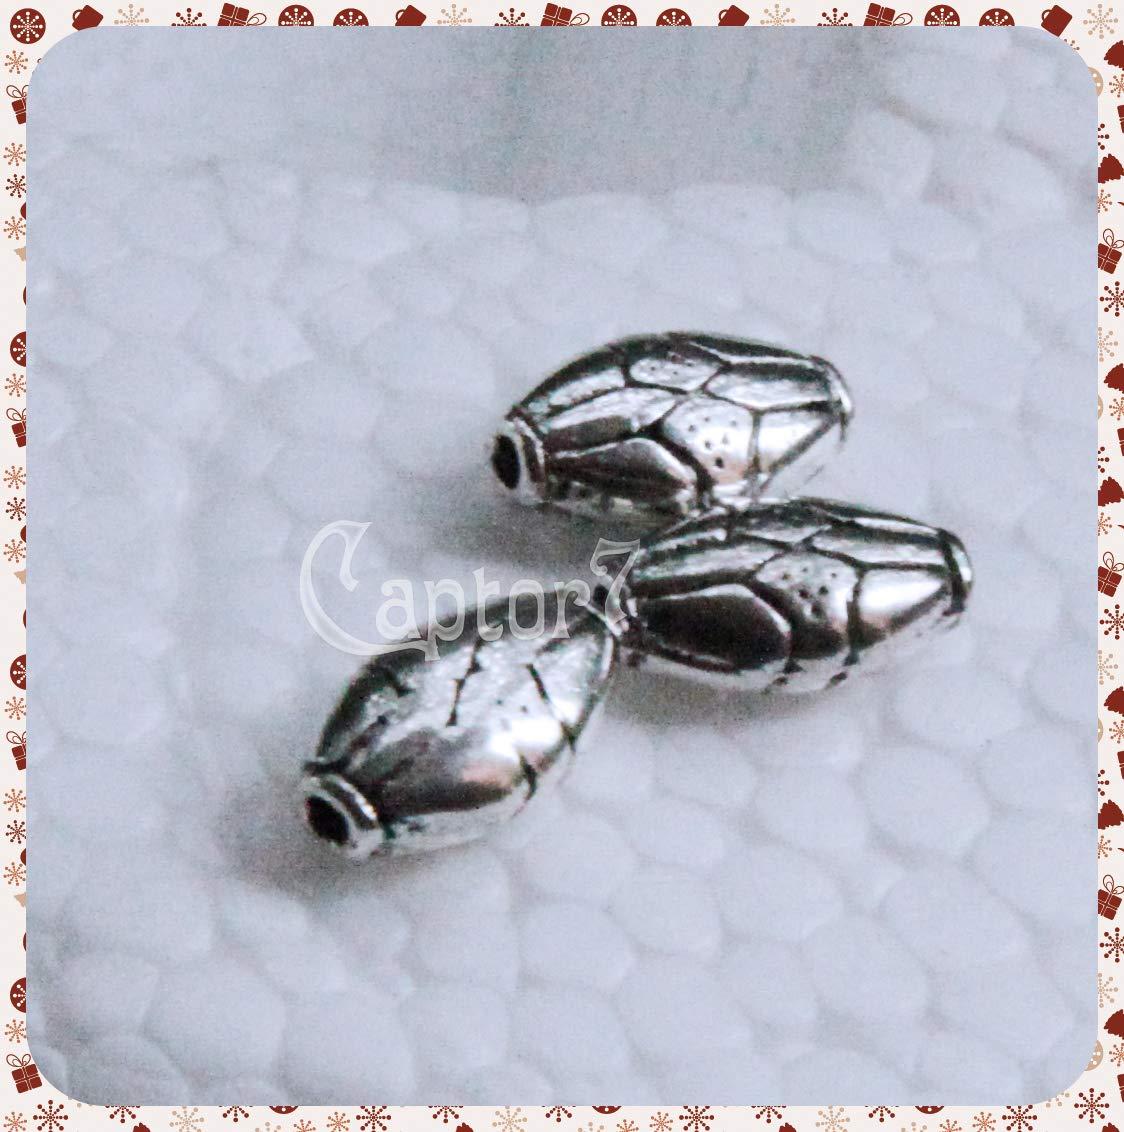 RomaLab 15/Spacer Separadores de Plata tibetana Grabados Dibujos geom/étricos 10/x 7/mm Perlas